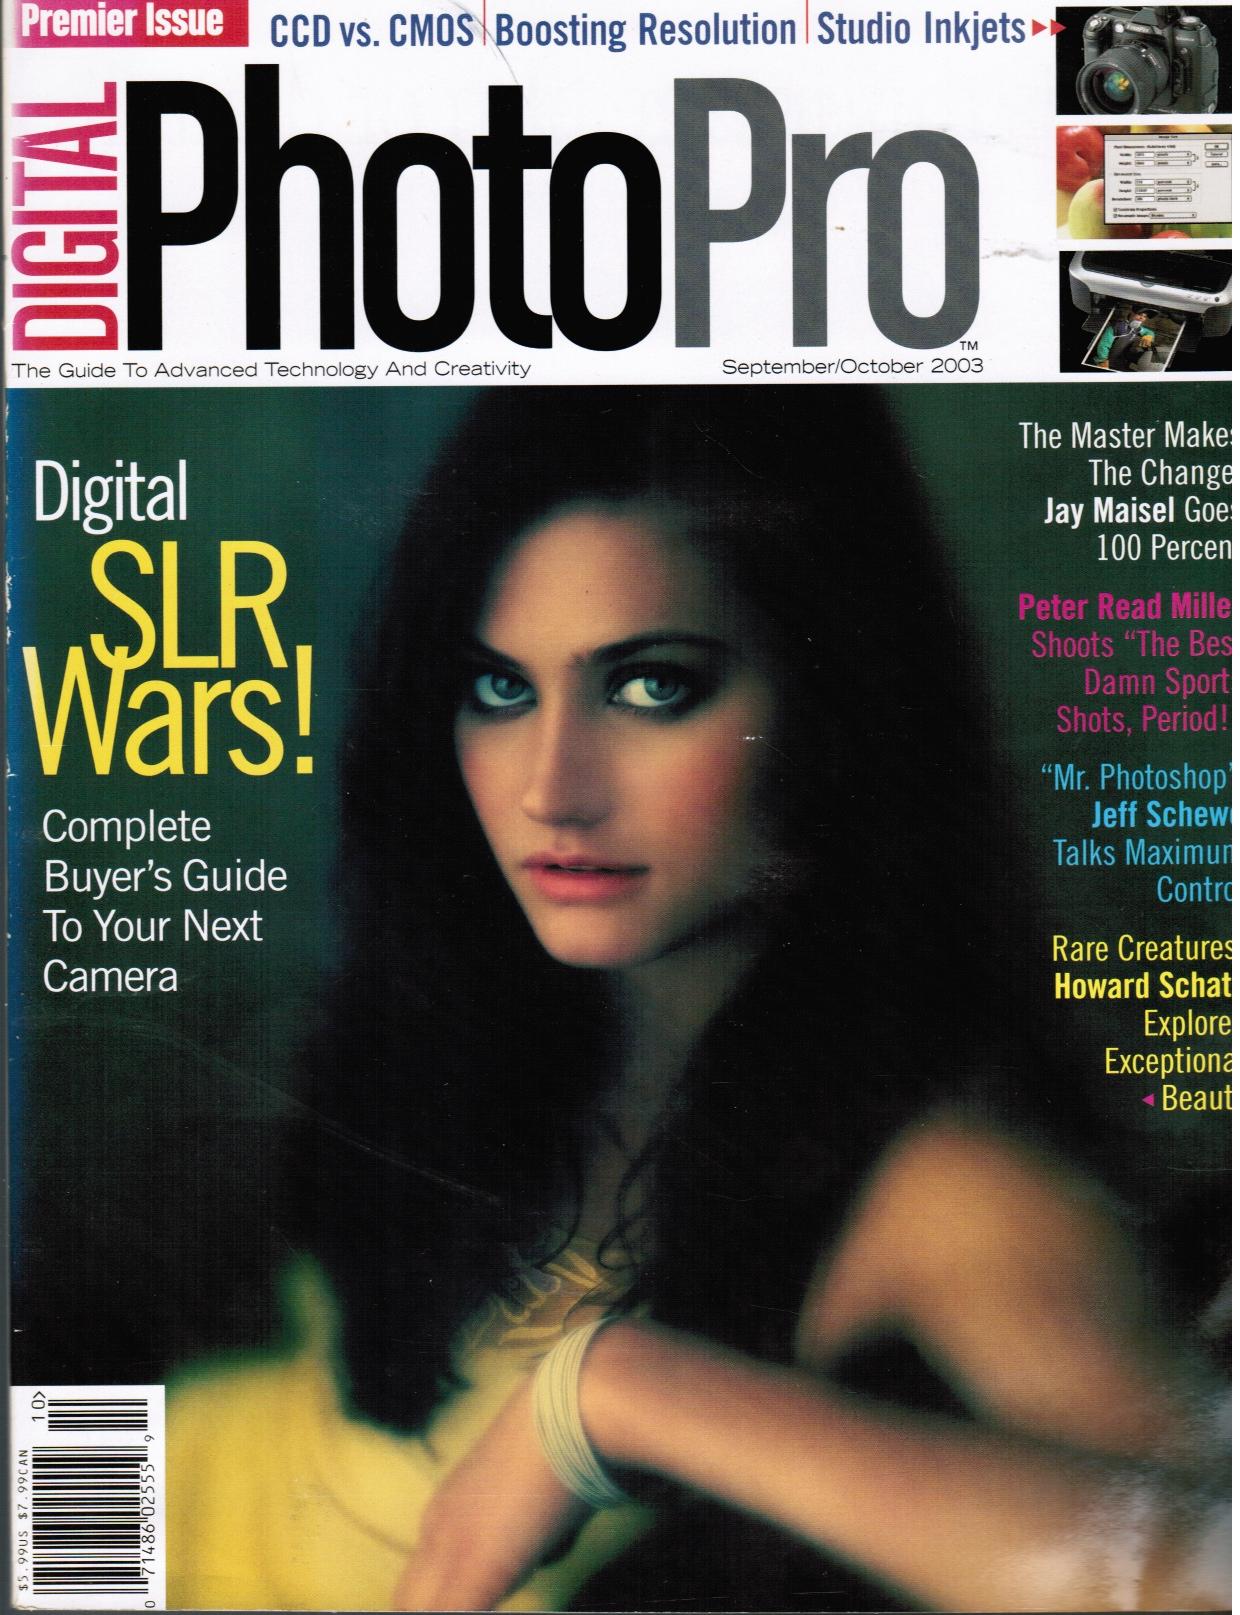 Image for Digital Photopro Magazine: September/October 2003  PREMIER ISSUE Danielle Farrell, cover